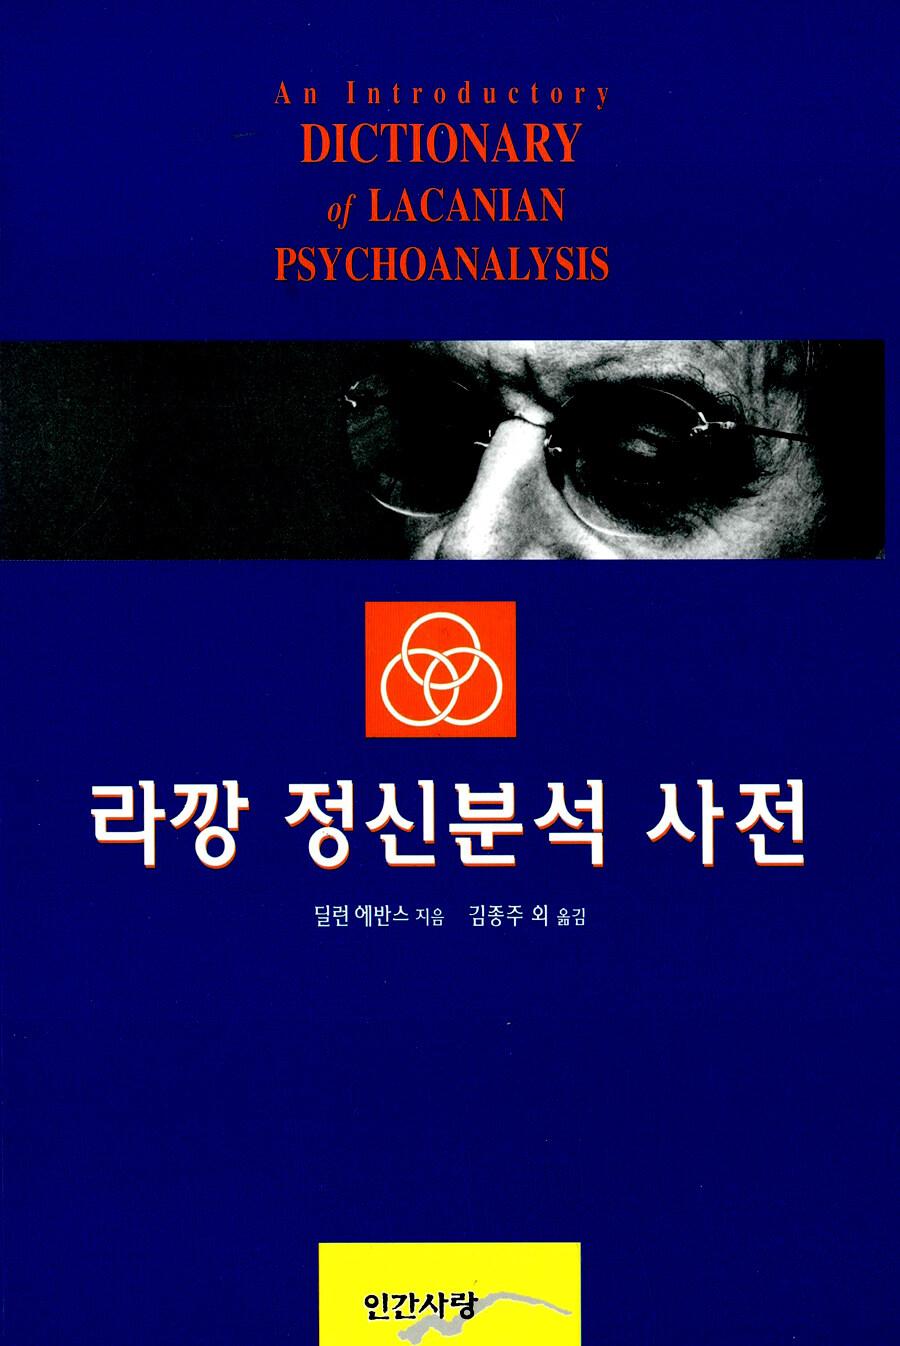 라깡 정신분석 사전